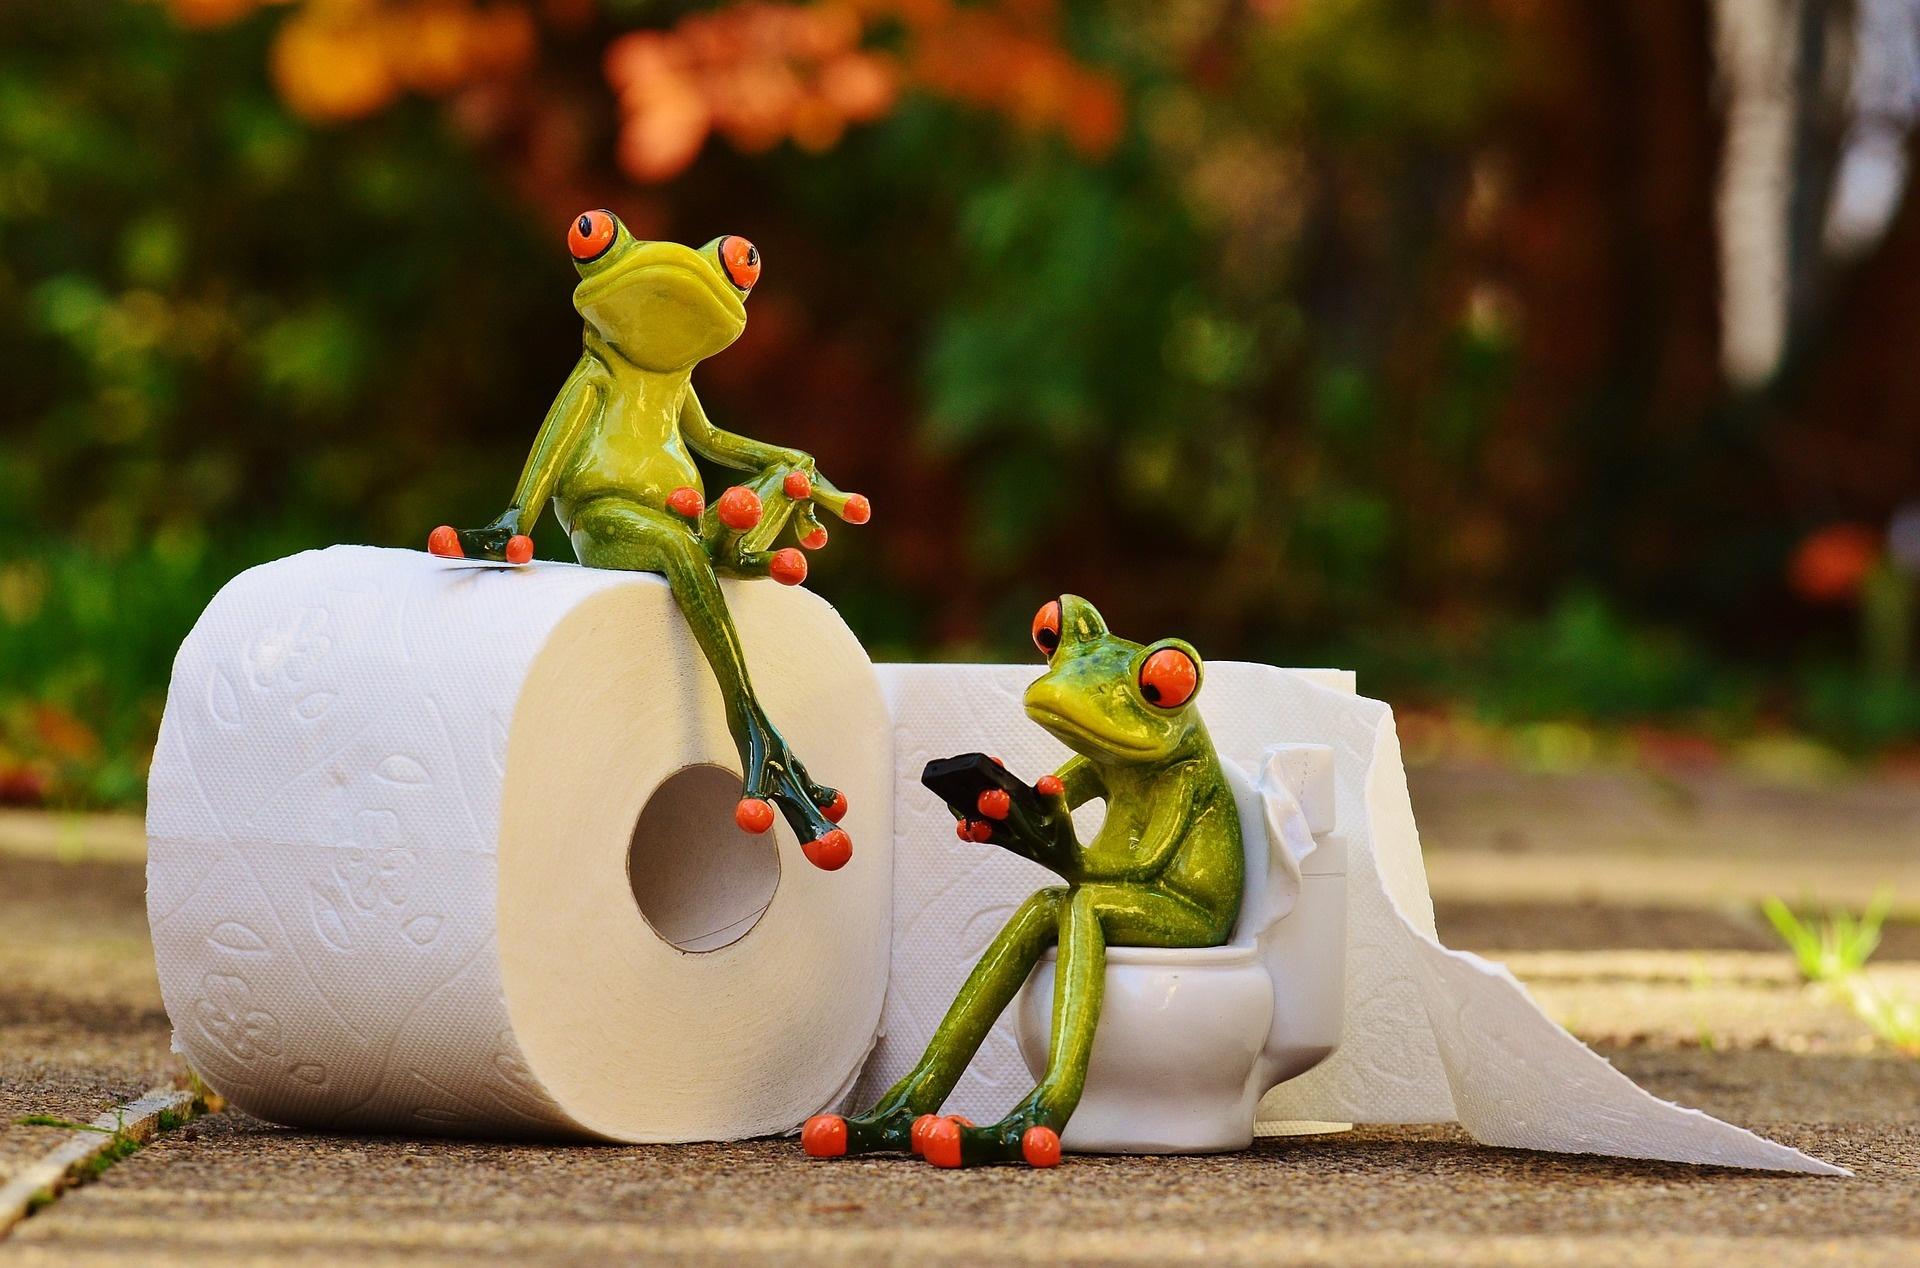 Hoe kies je de juiste toiletpapier dispenser voor jouw zaak?